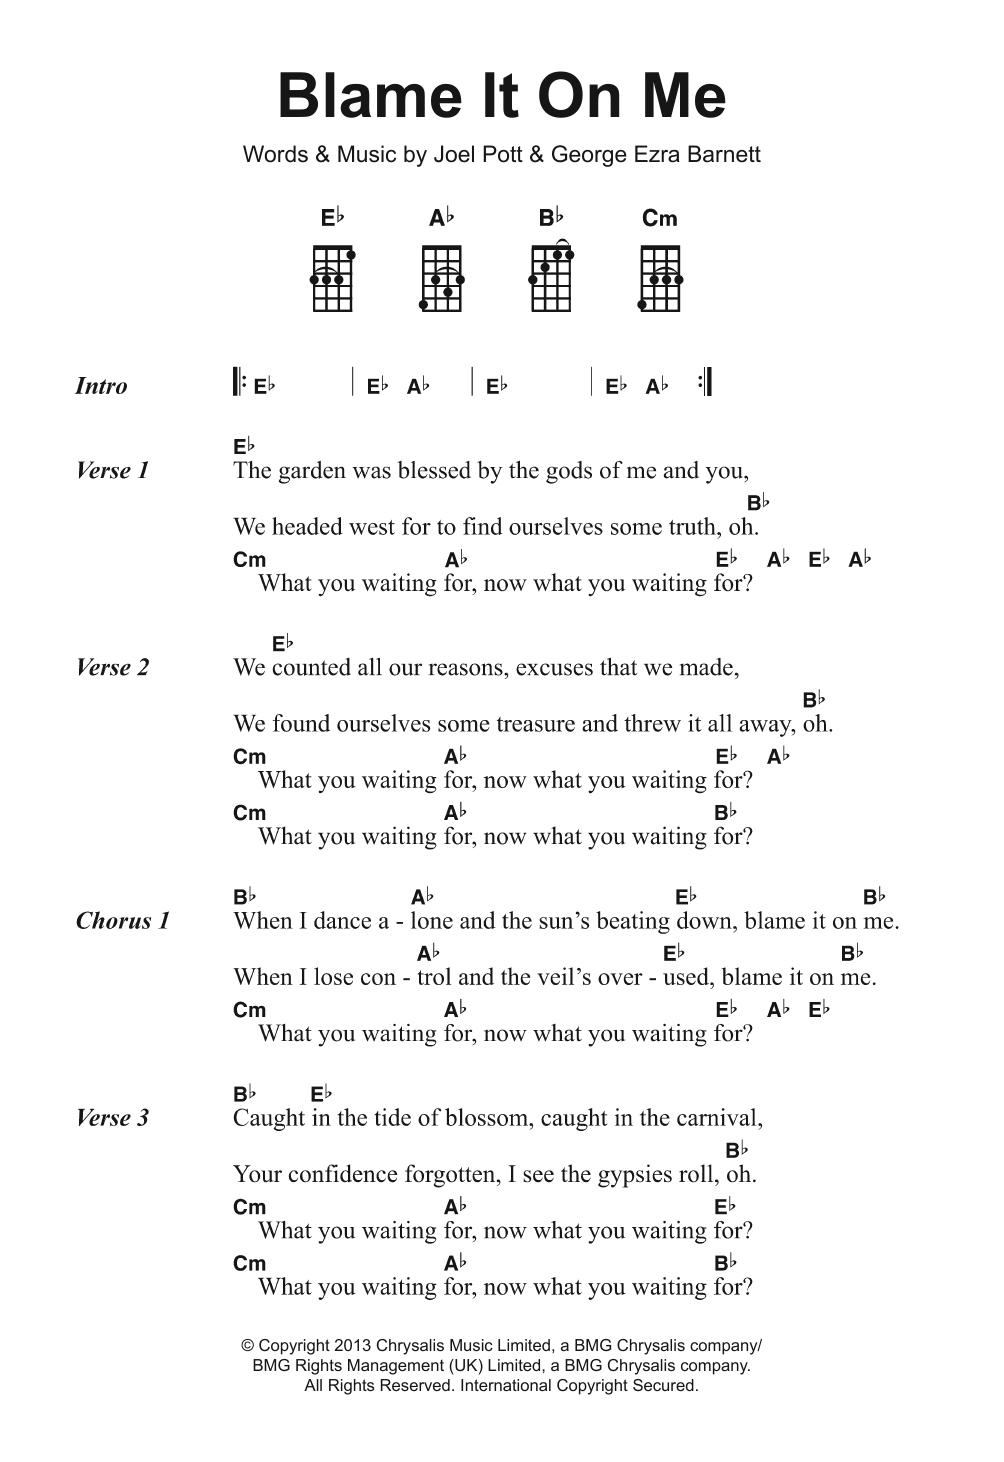 Sheet Music Digital Files To Print Licensed George Ezra Digital